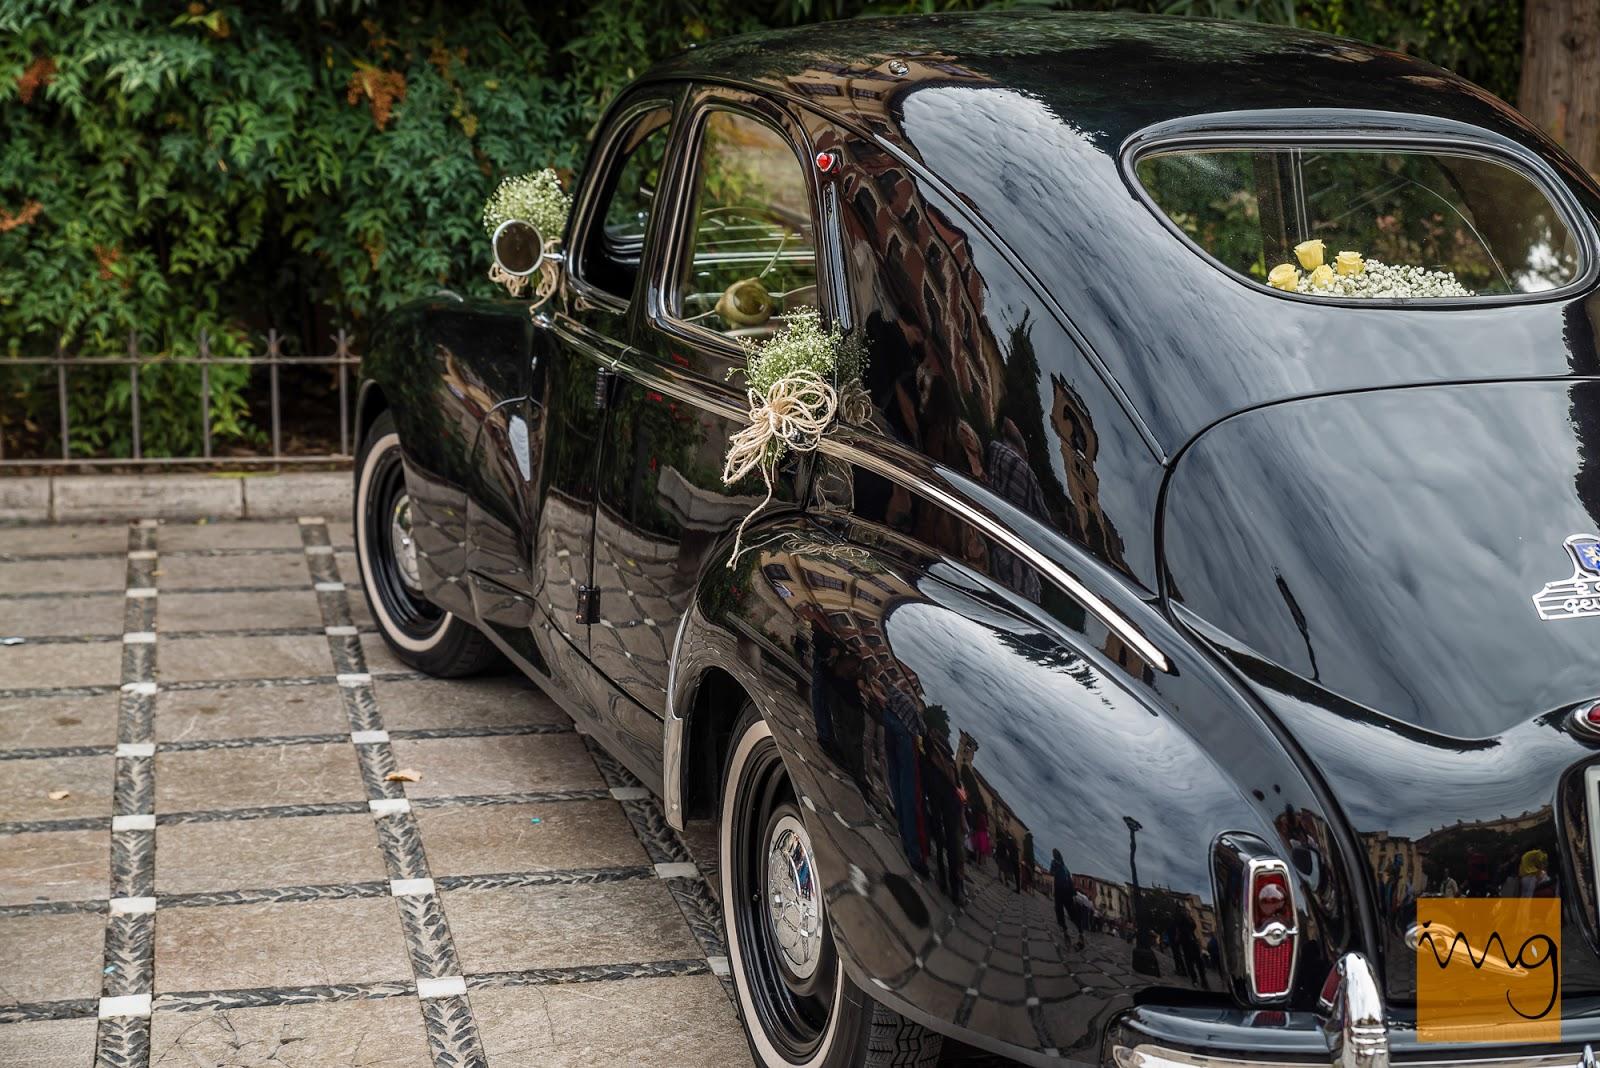 Fotografía de boda en Granada, El coche nupcial.